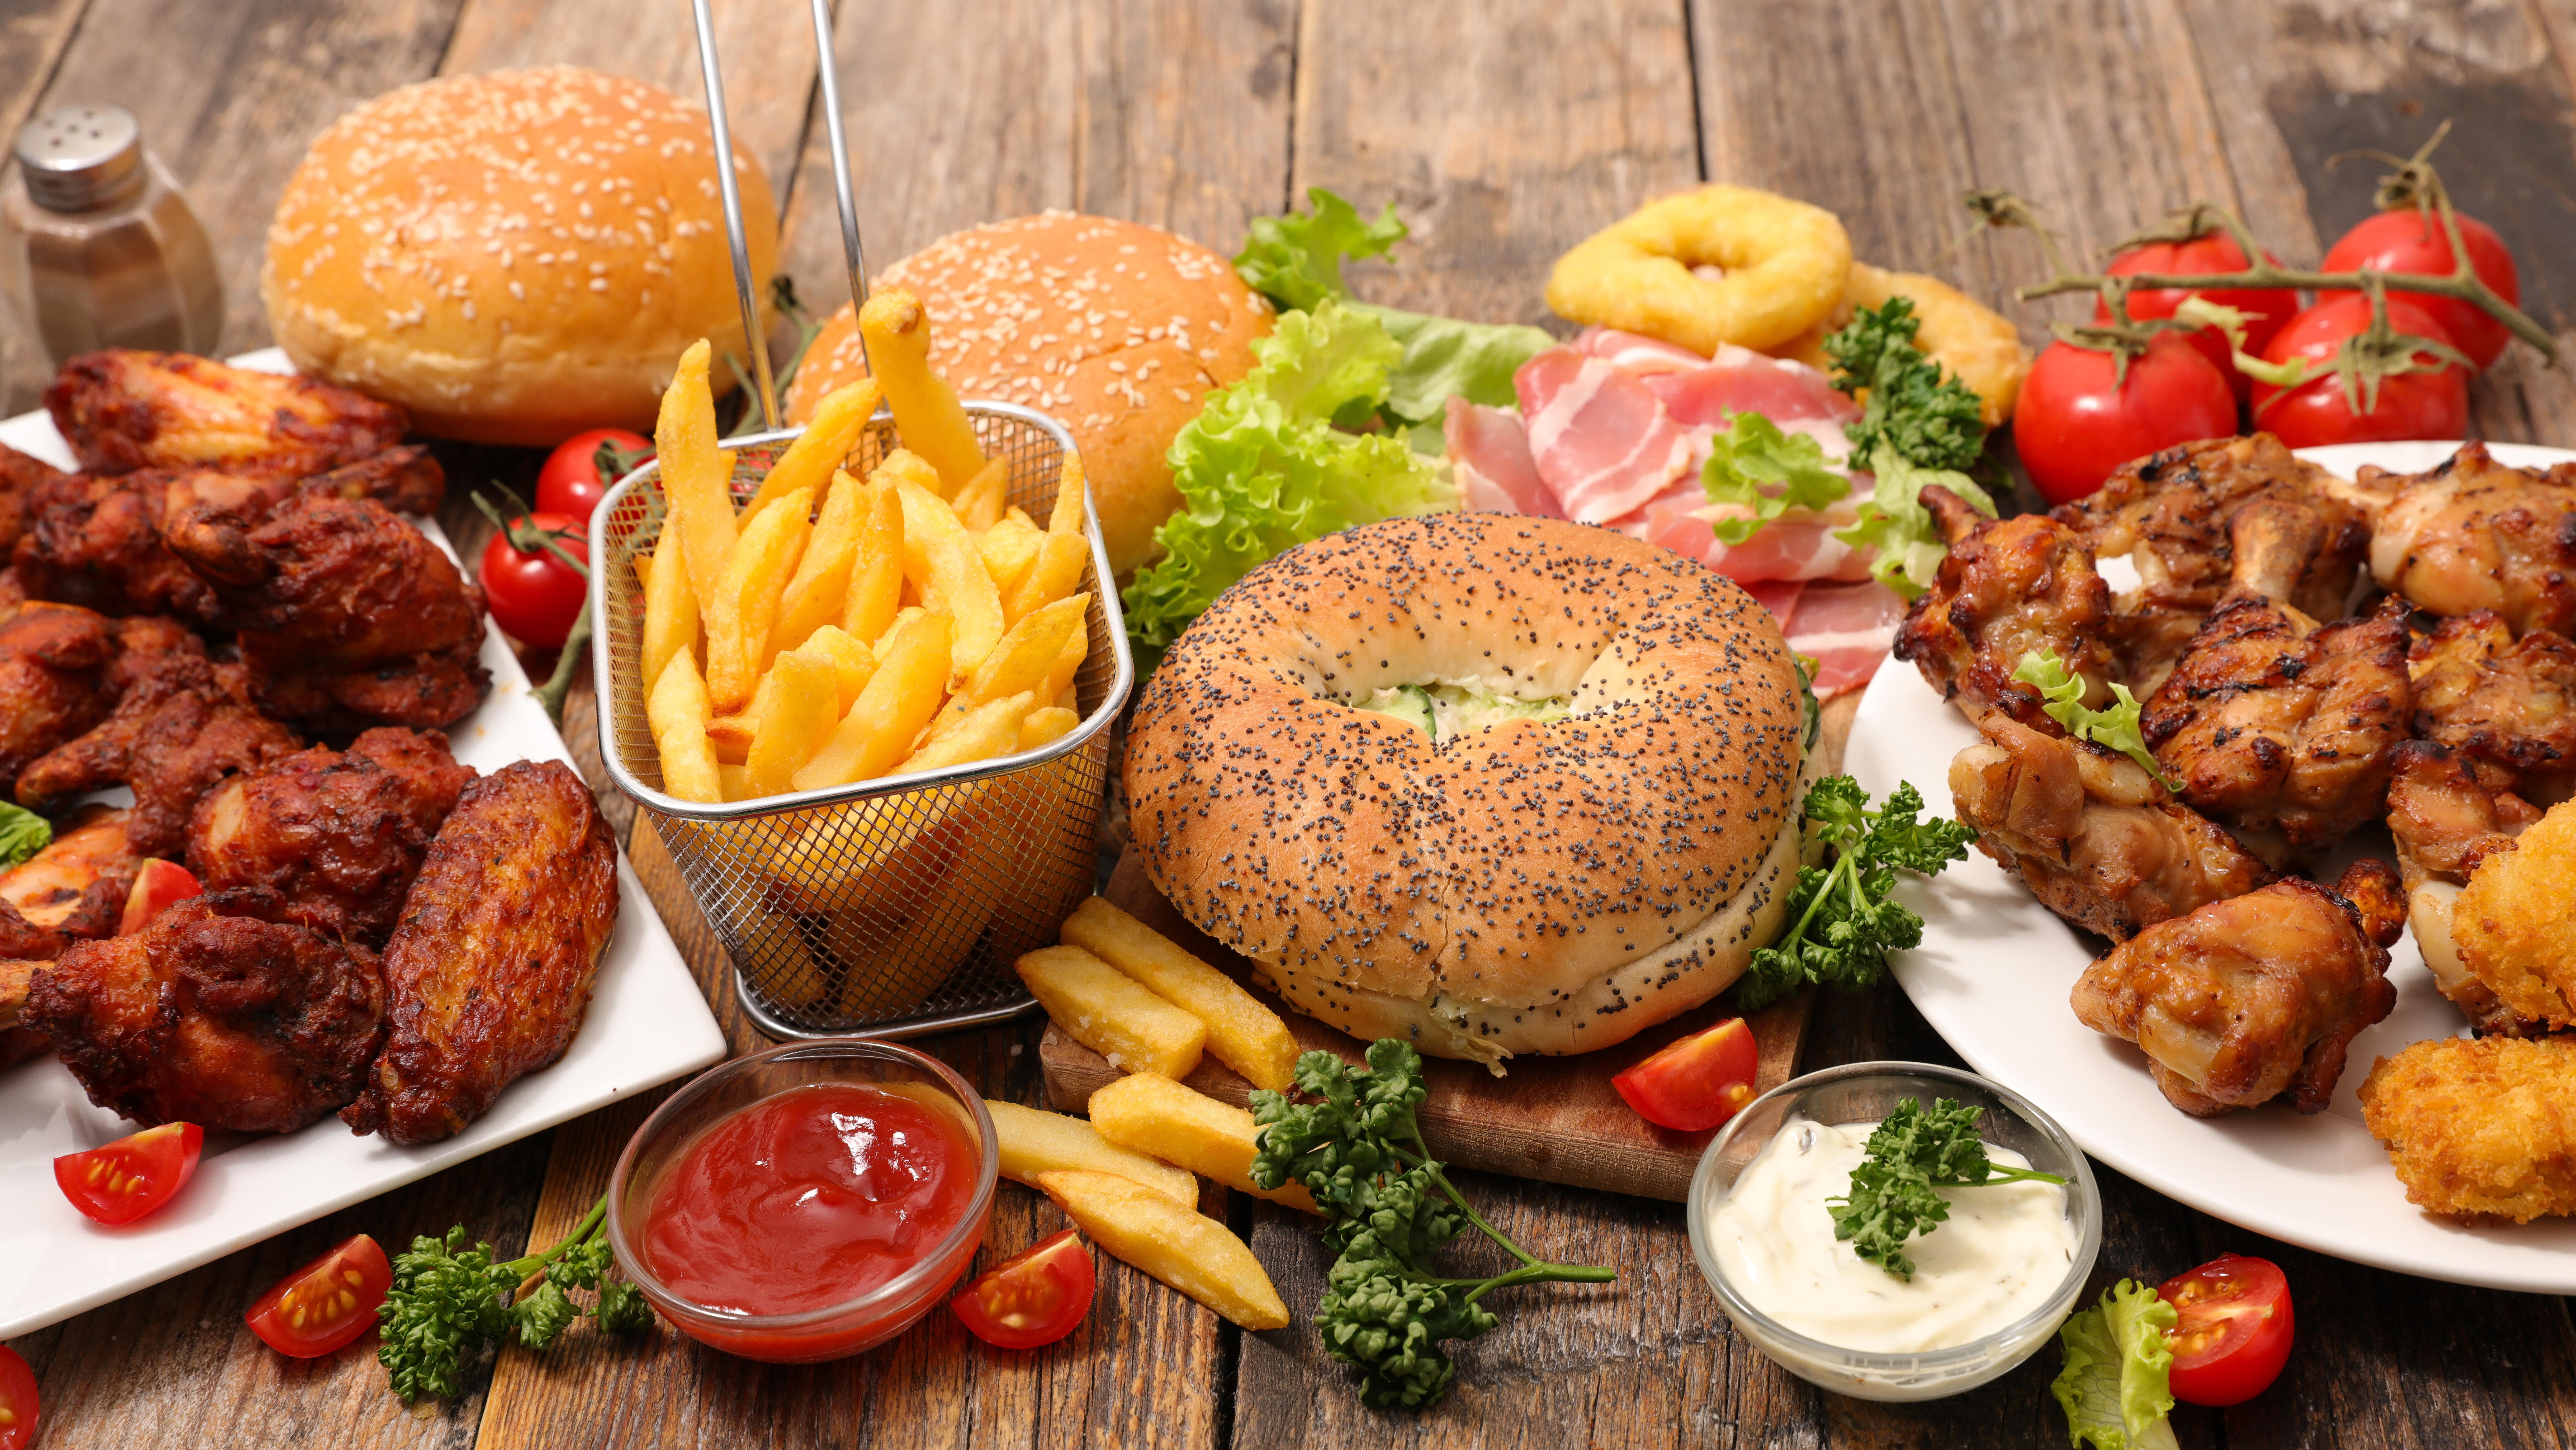 Κίνδυνος - θάνατος το junk food, σκοτώνει πιο πολύ από το